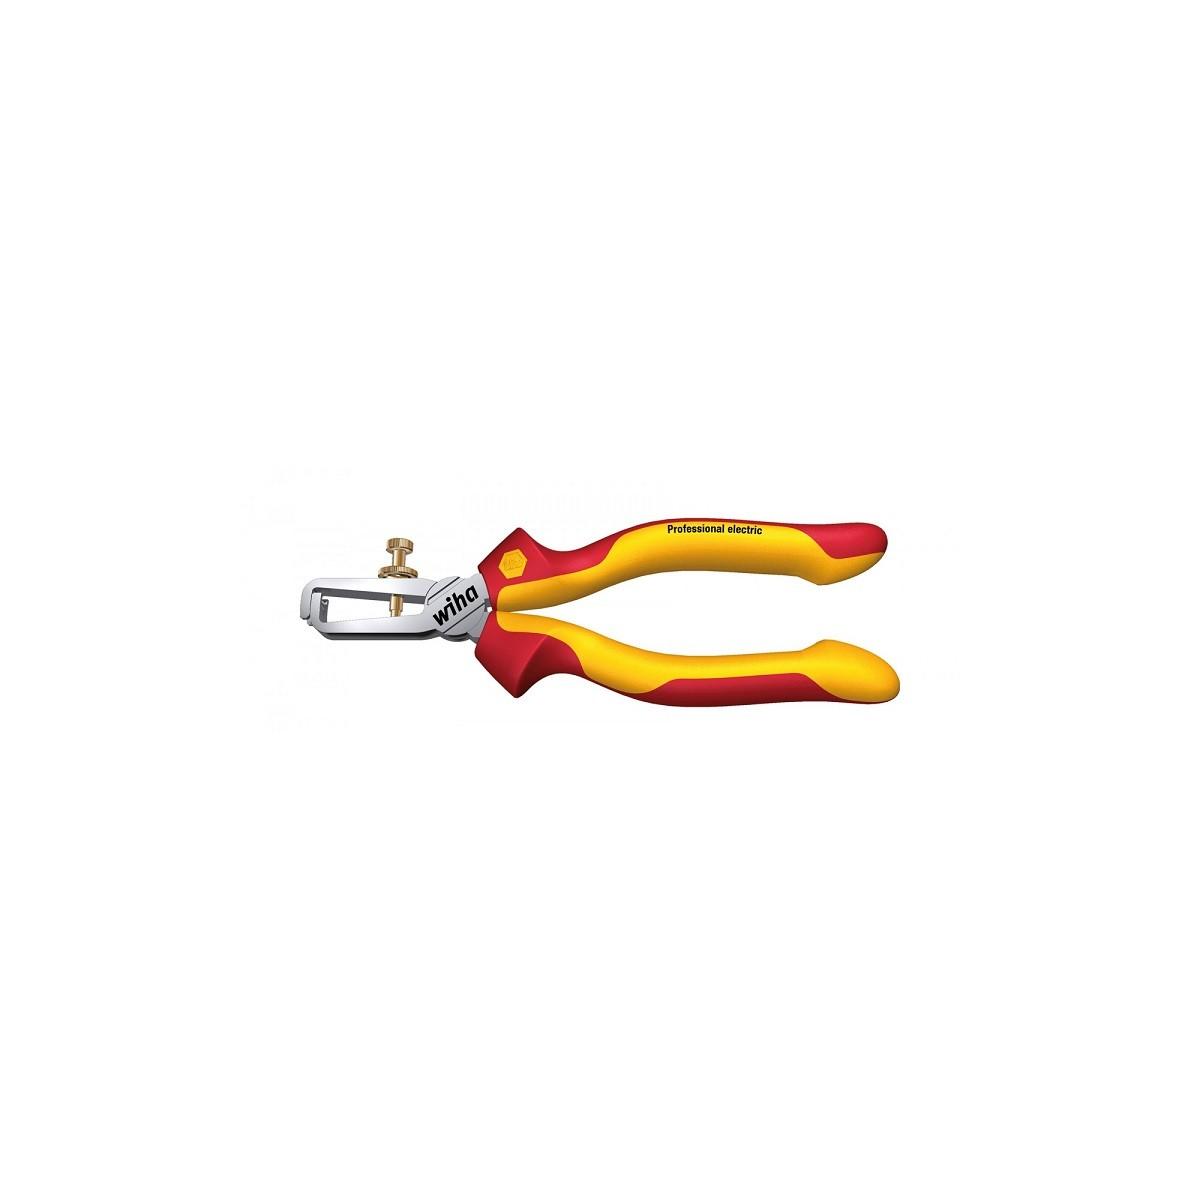 Szczypce do zdejmowania izolacji Professional electric Wiha - 26847 Szczypce do zdejmowania izolacji Professional electric Wiha - 26847